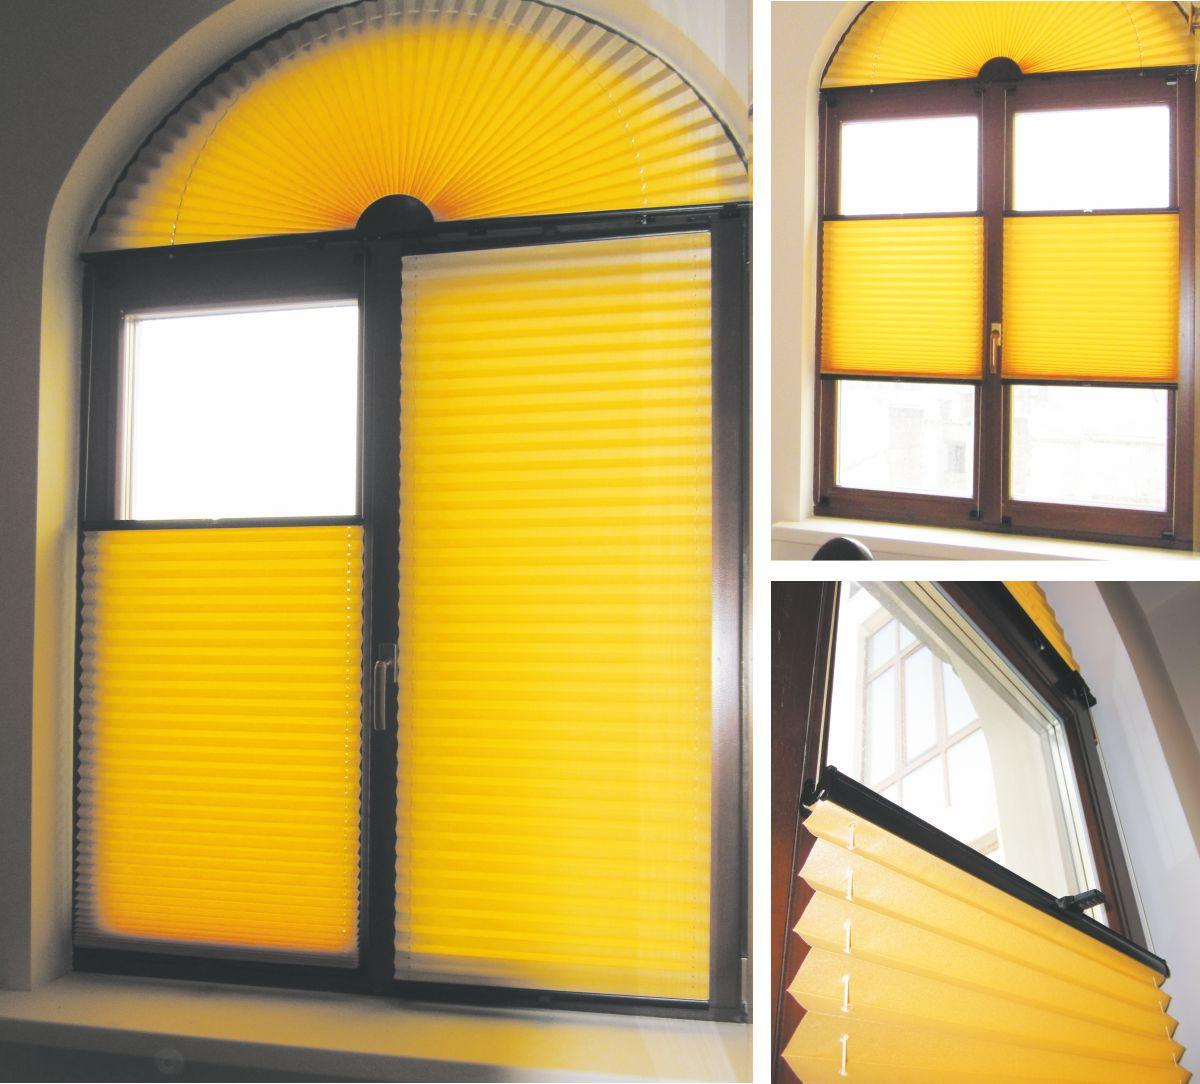 Веерная конструкция отлично подойдет для окон в форме полукруга